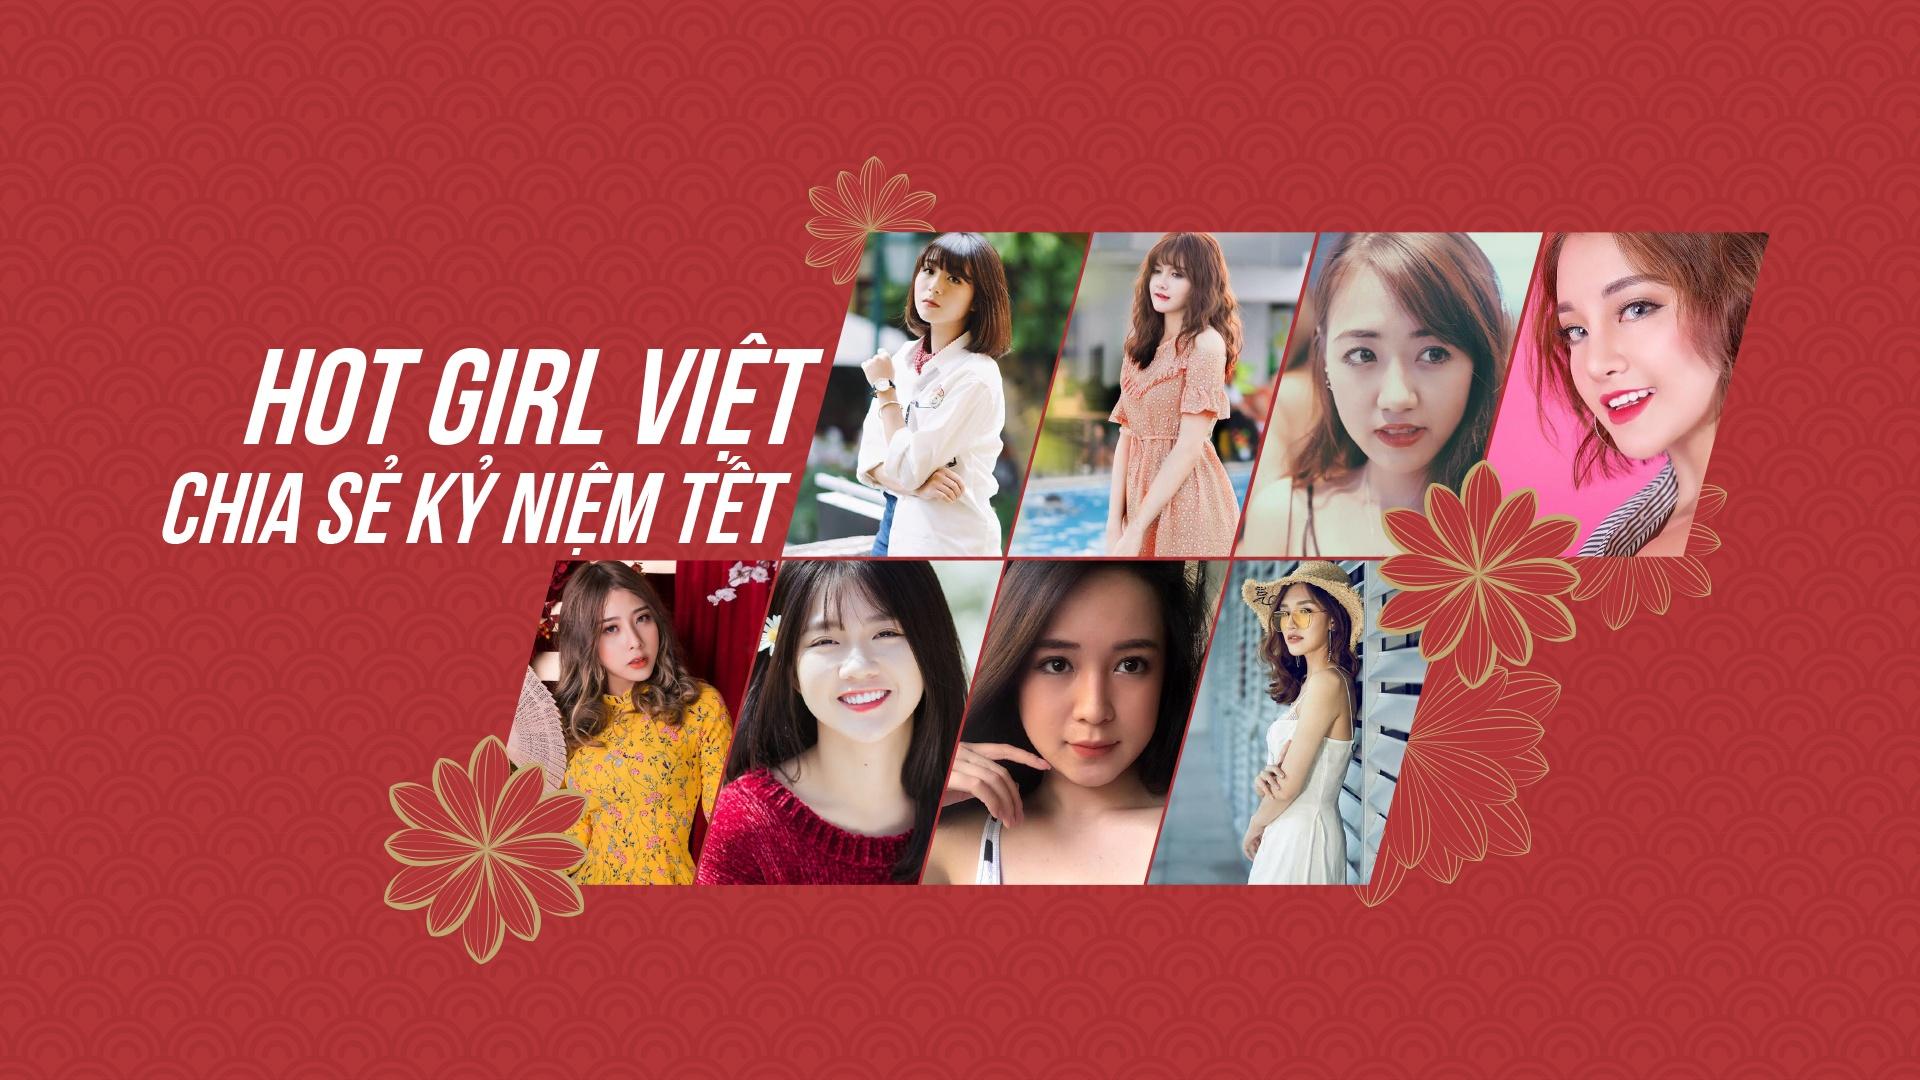 Nhung ky niem dang nho trong dip Tet cua hot girl Viet hinh anh 1